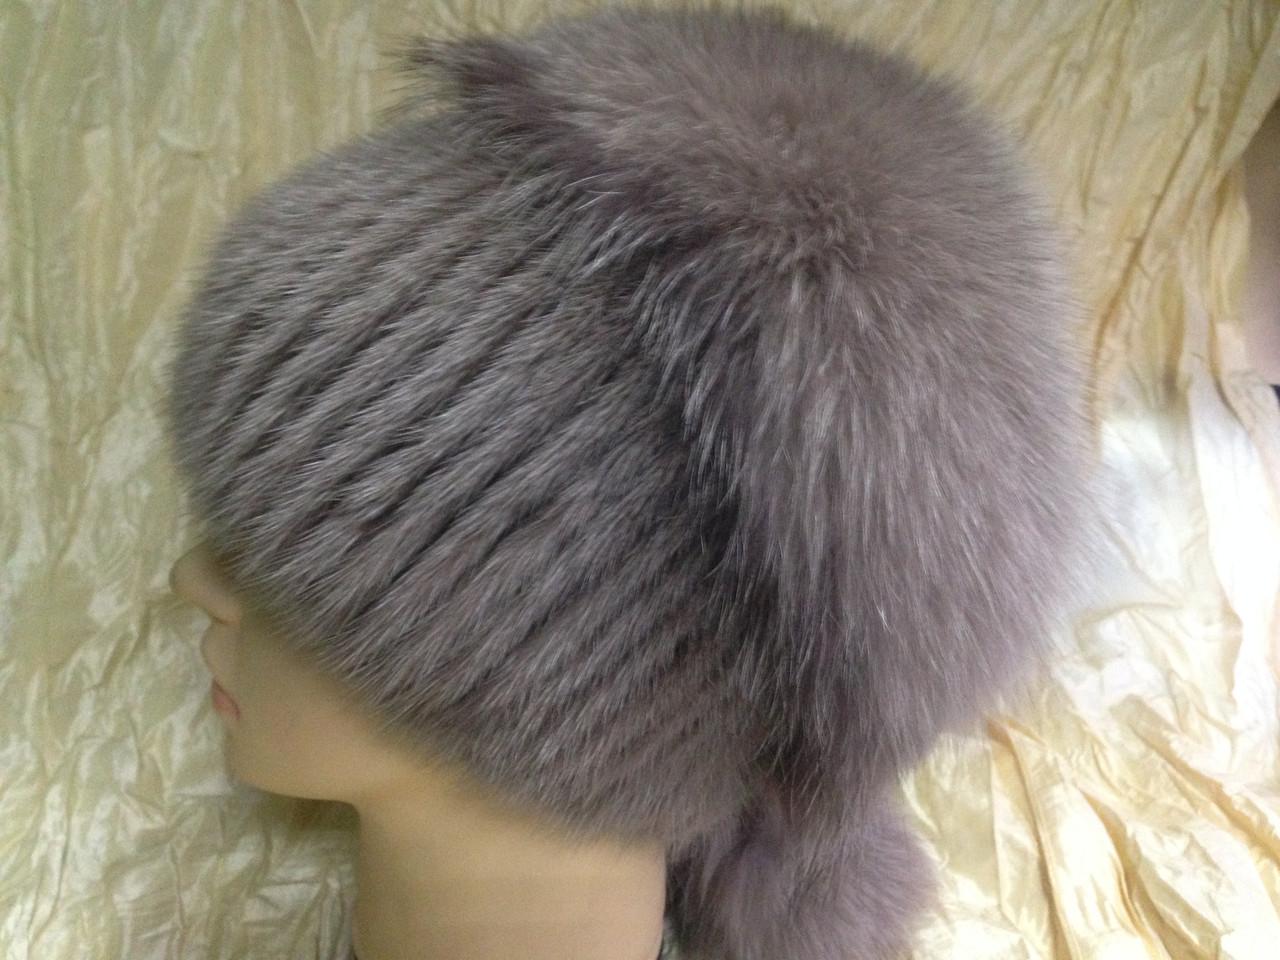 Меховая шапка из норки и песца на вязанной основе